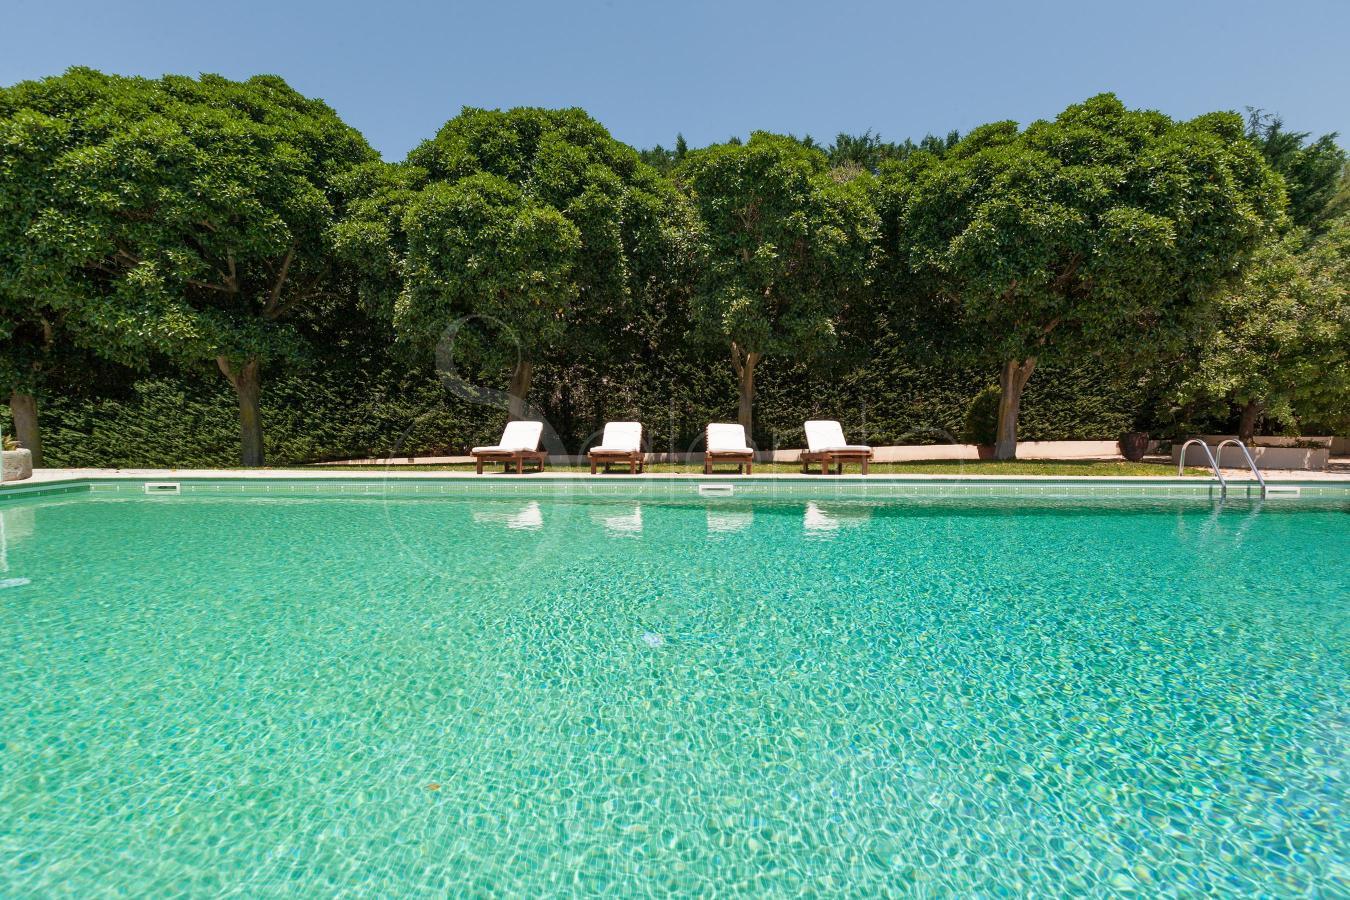 Attico con piscina a casarano vicino gallipoli attico di villa roberta - Attico con piscina ...